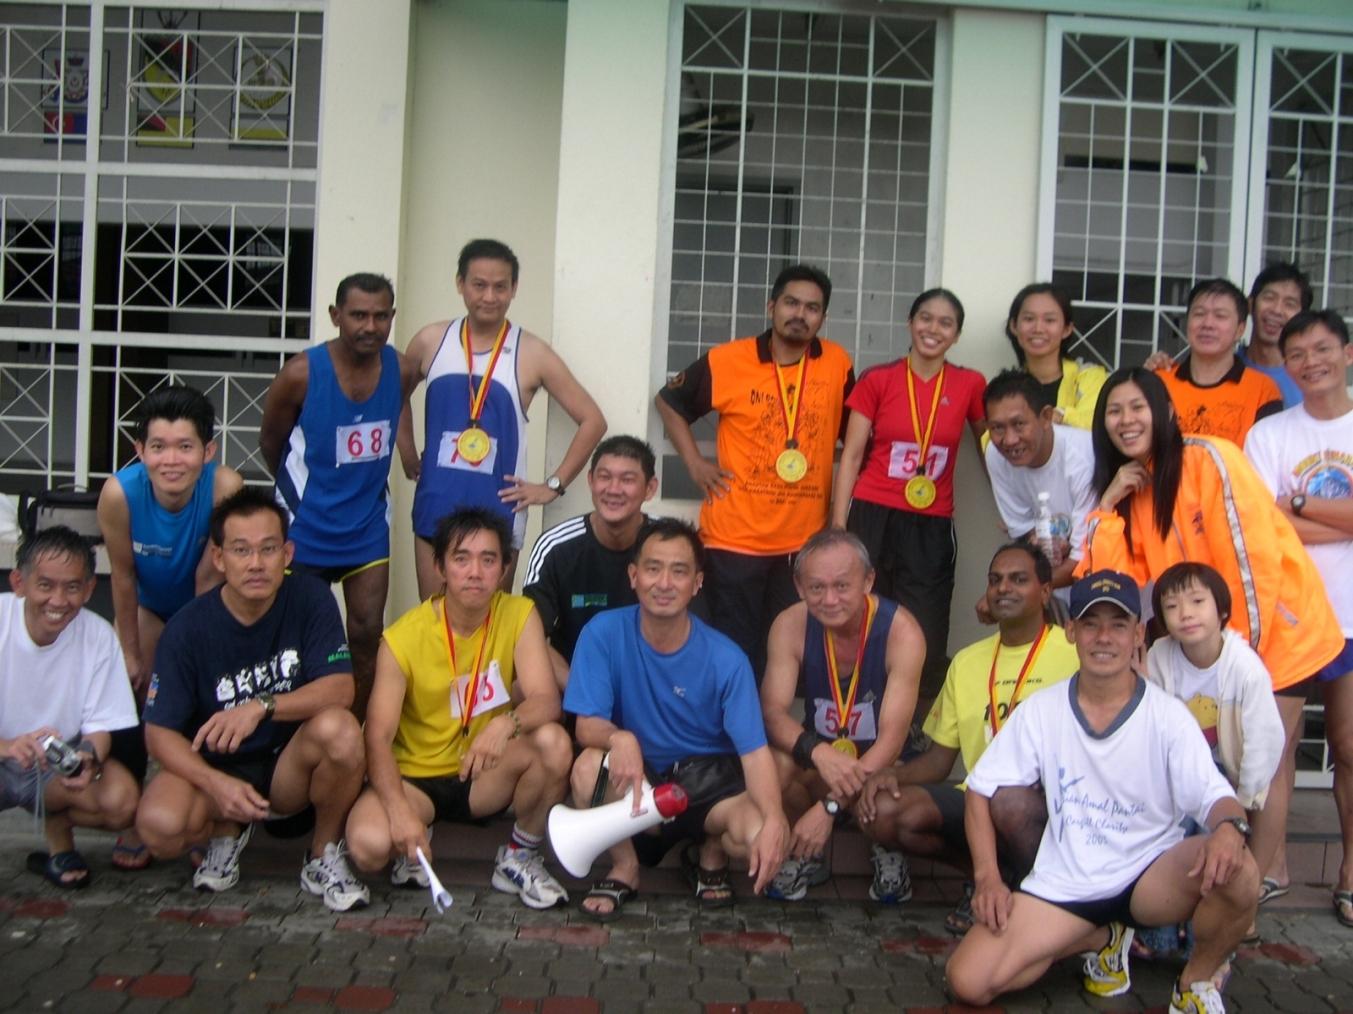 My 1st half-marathon in2005